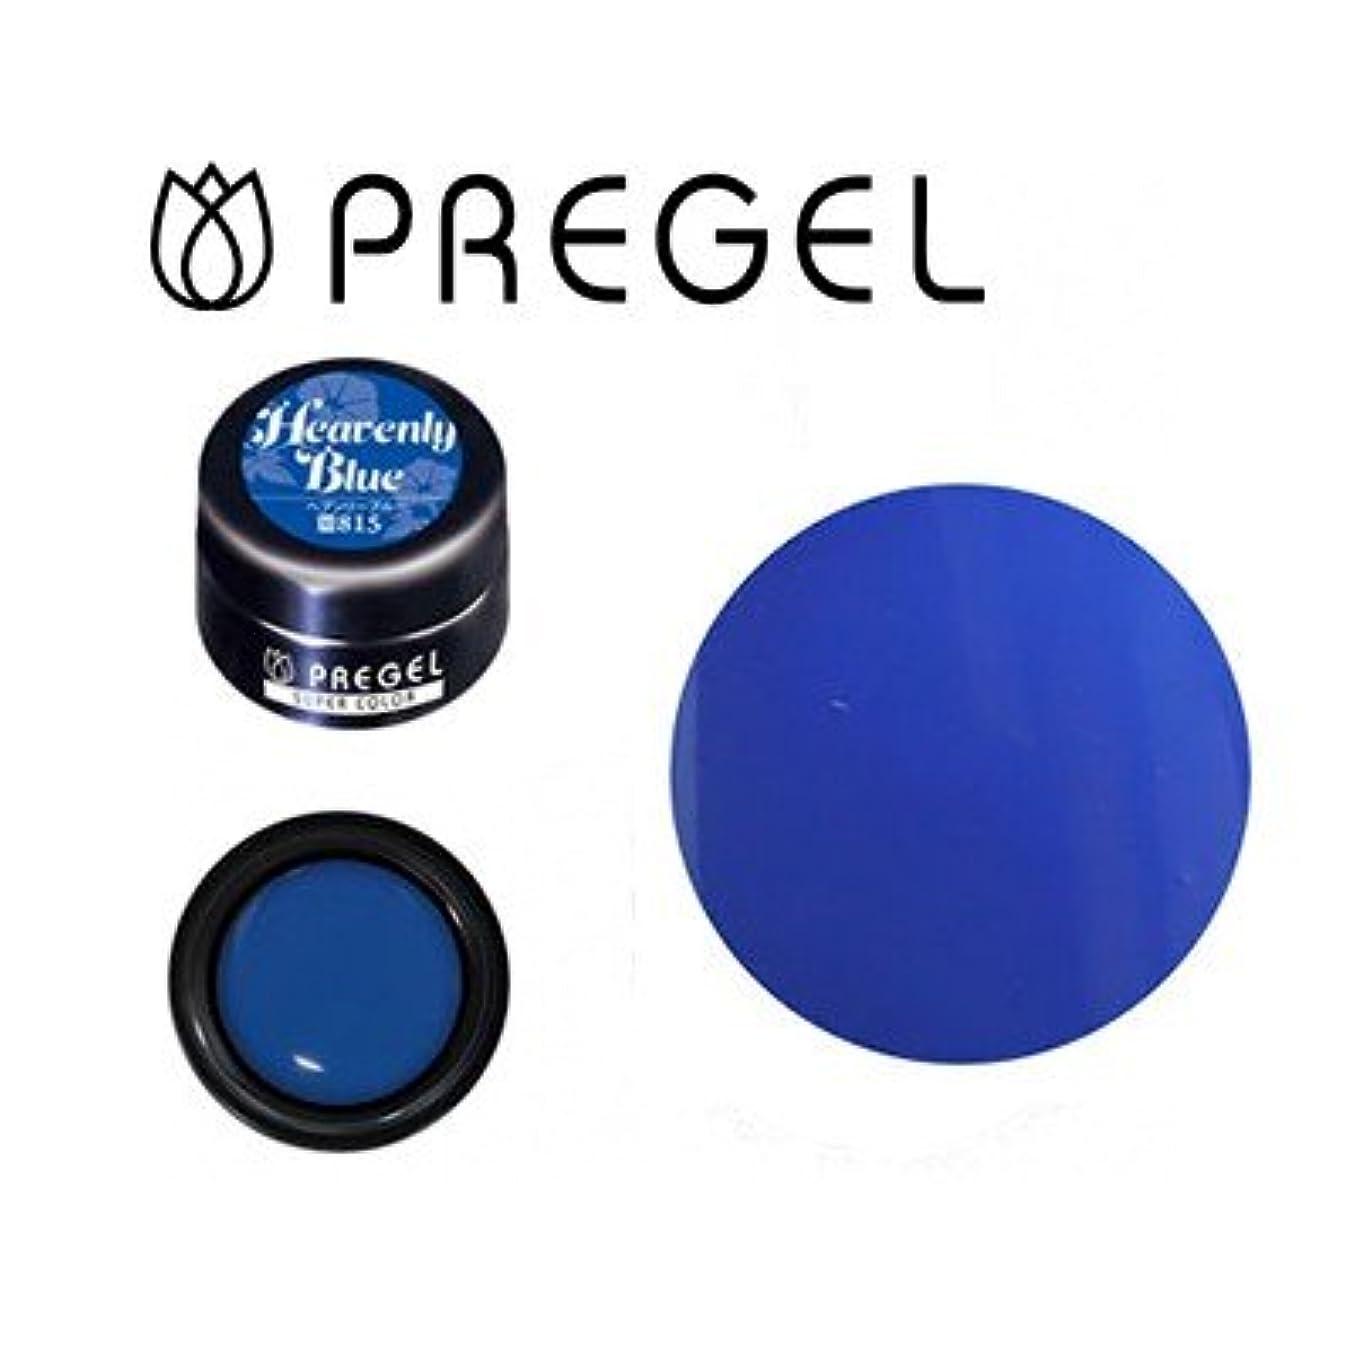 アソシエイト洞窟ダースジェルネイル カラージェル プリジェル PREGEL スーパーカラーEX PG-SE815 ヘブンリーブルー 4g